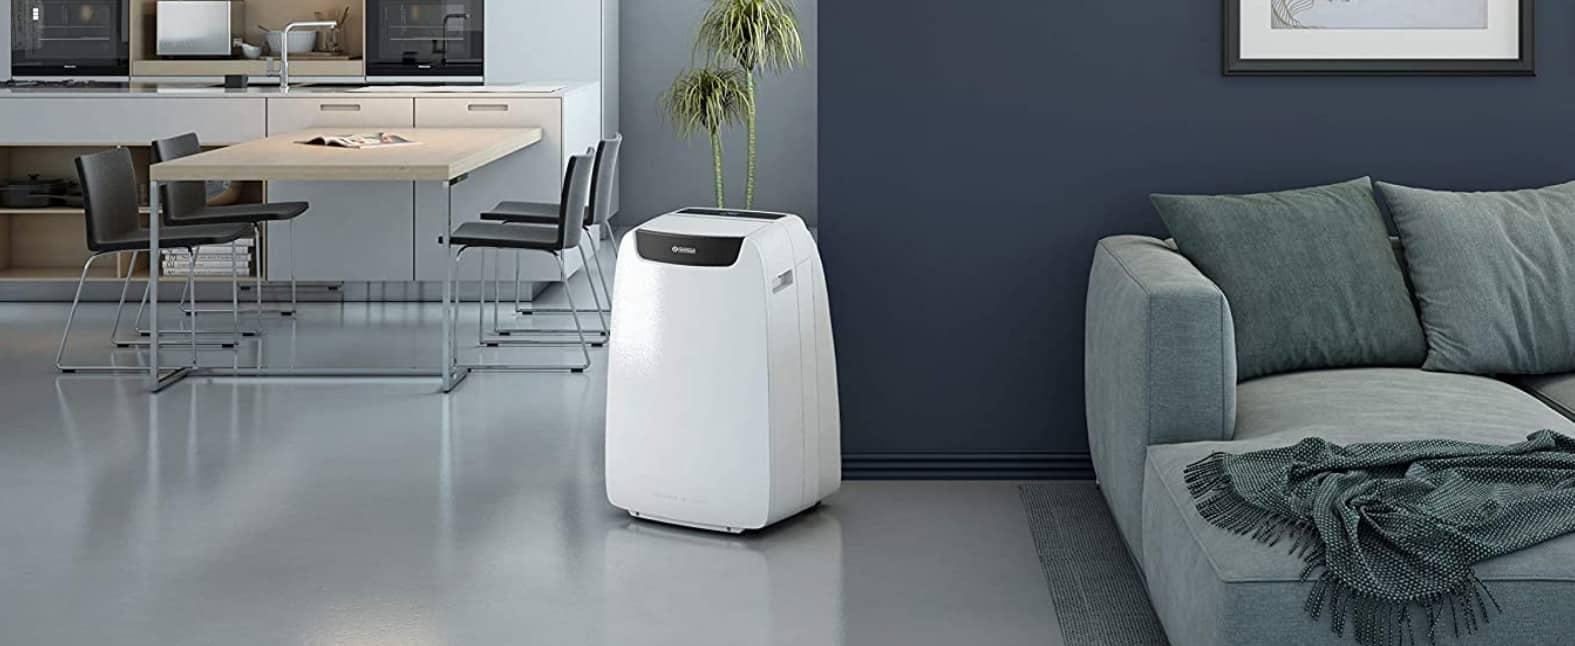 Comparatif pour choisir le meilleur climatiseur mobile